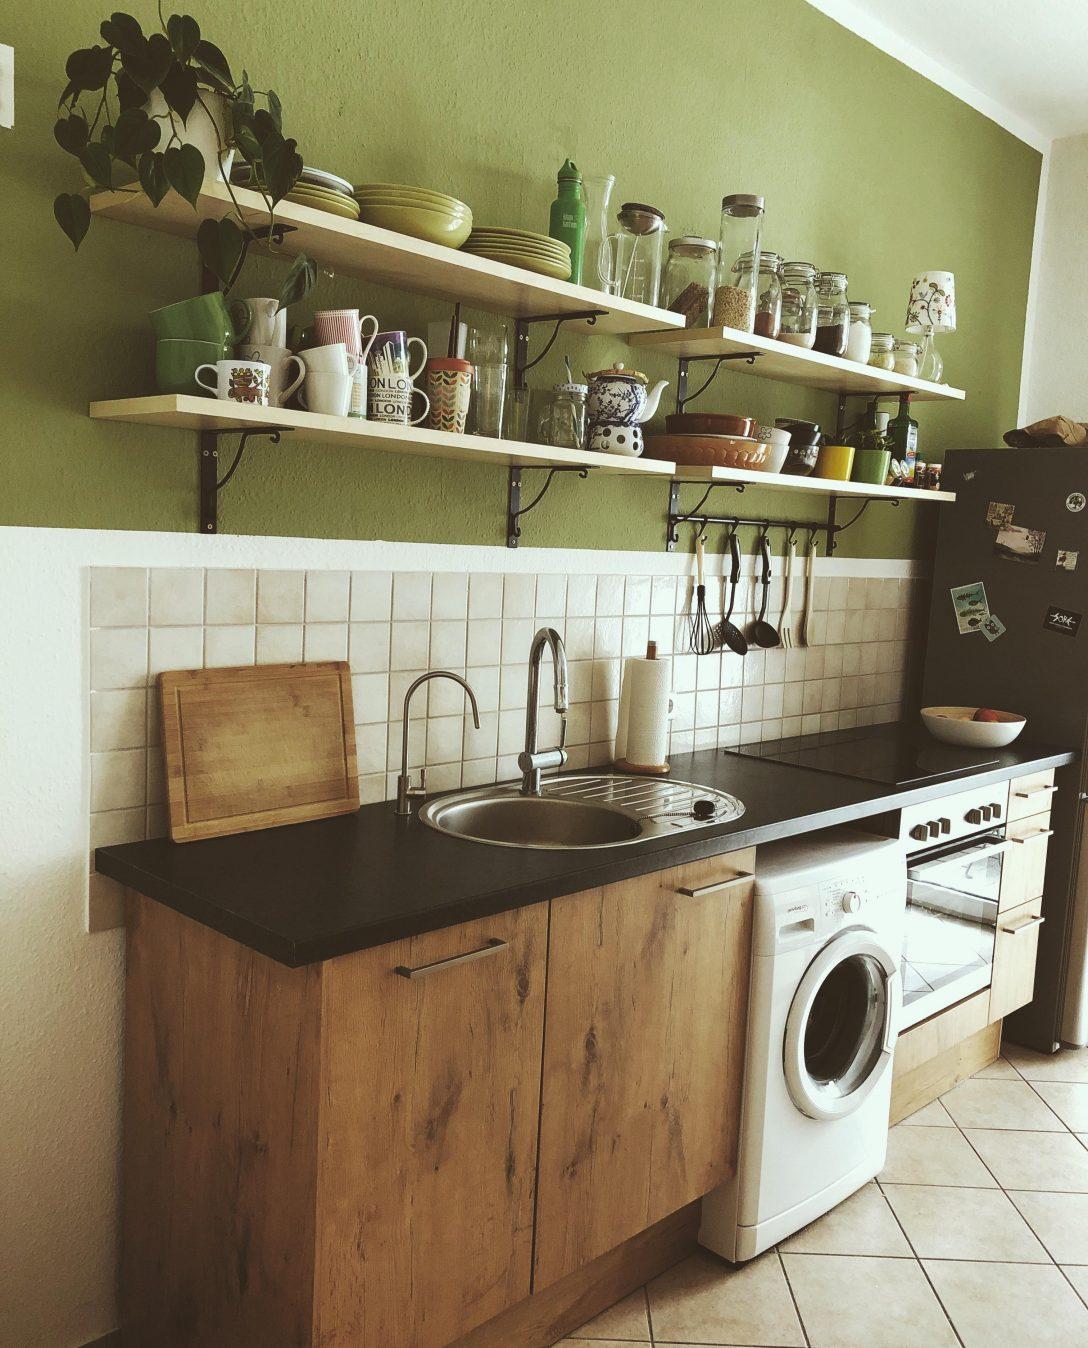 Large Size of Küche Wandfarbe Farbe In Der Kche So Wirds Wohnlich Möbelgriffe Landhausküche Weiß Planen Kostenlos Kaufen Ikea Grillplatte Kleine Einbauküche Wasserhahn Wohnzimmer Küche Wandfarbe